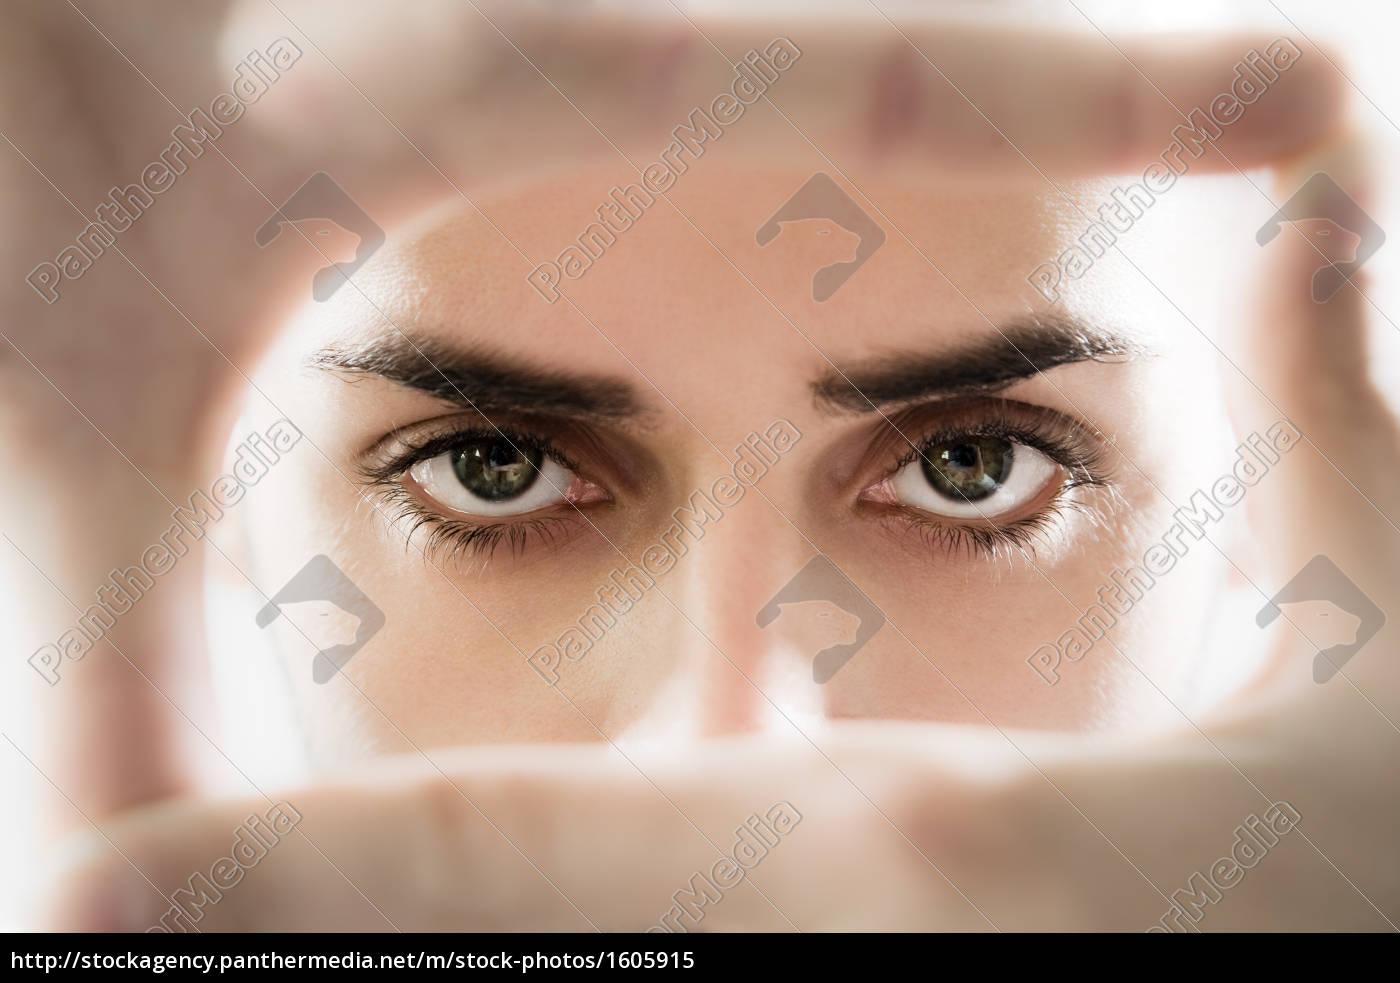 eyesight - 1605915